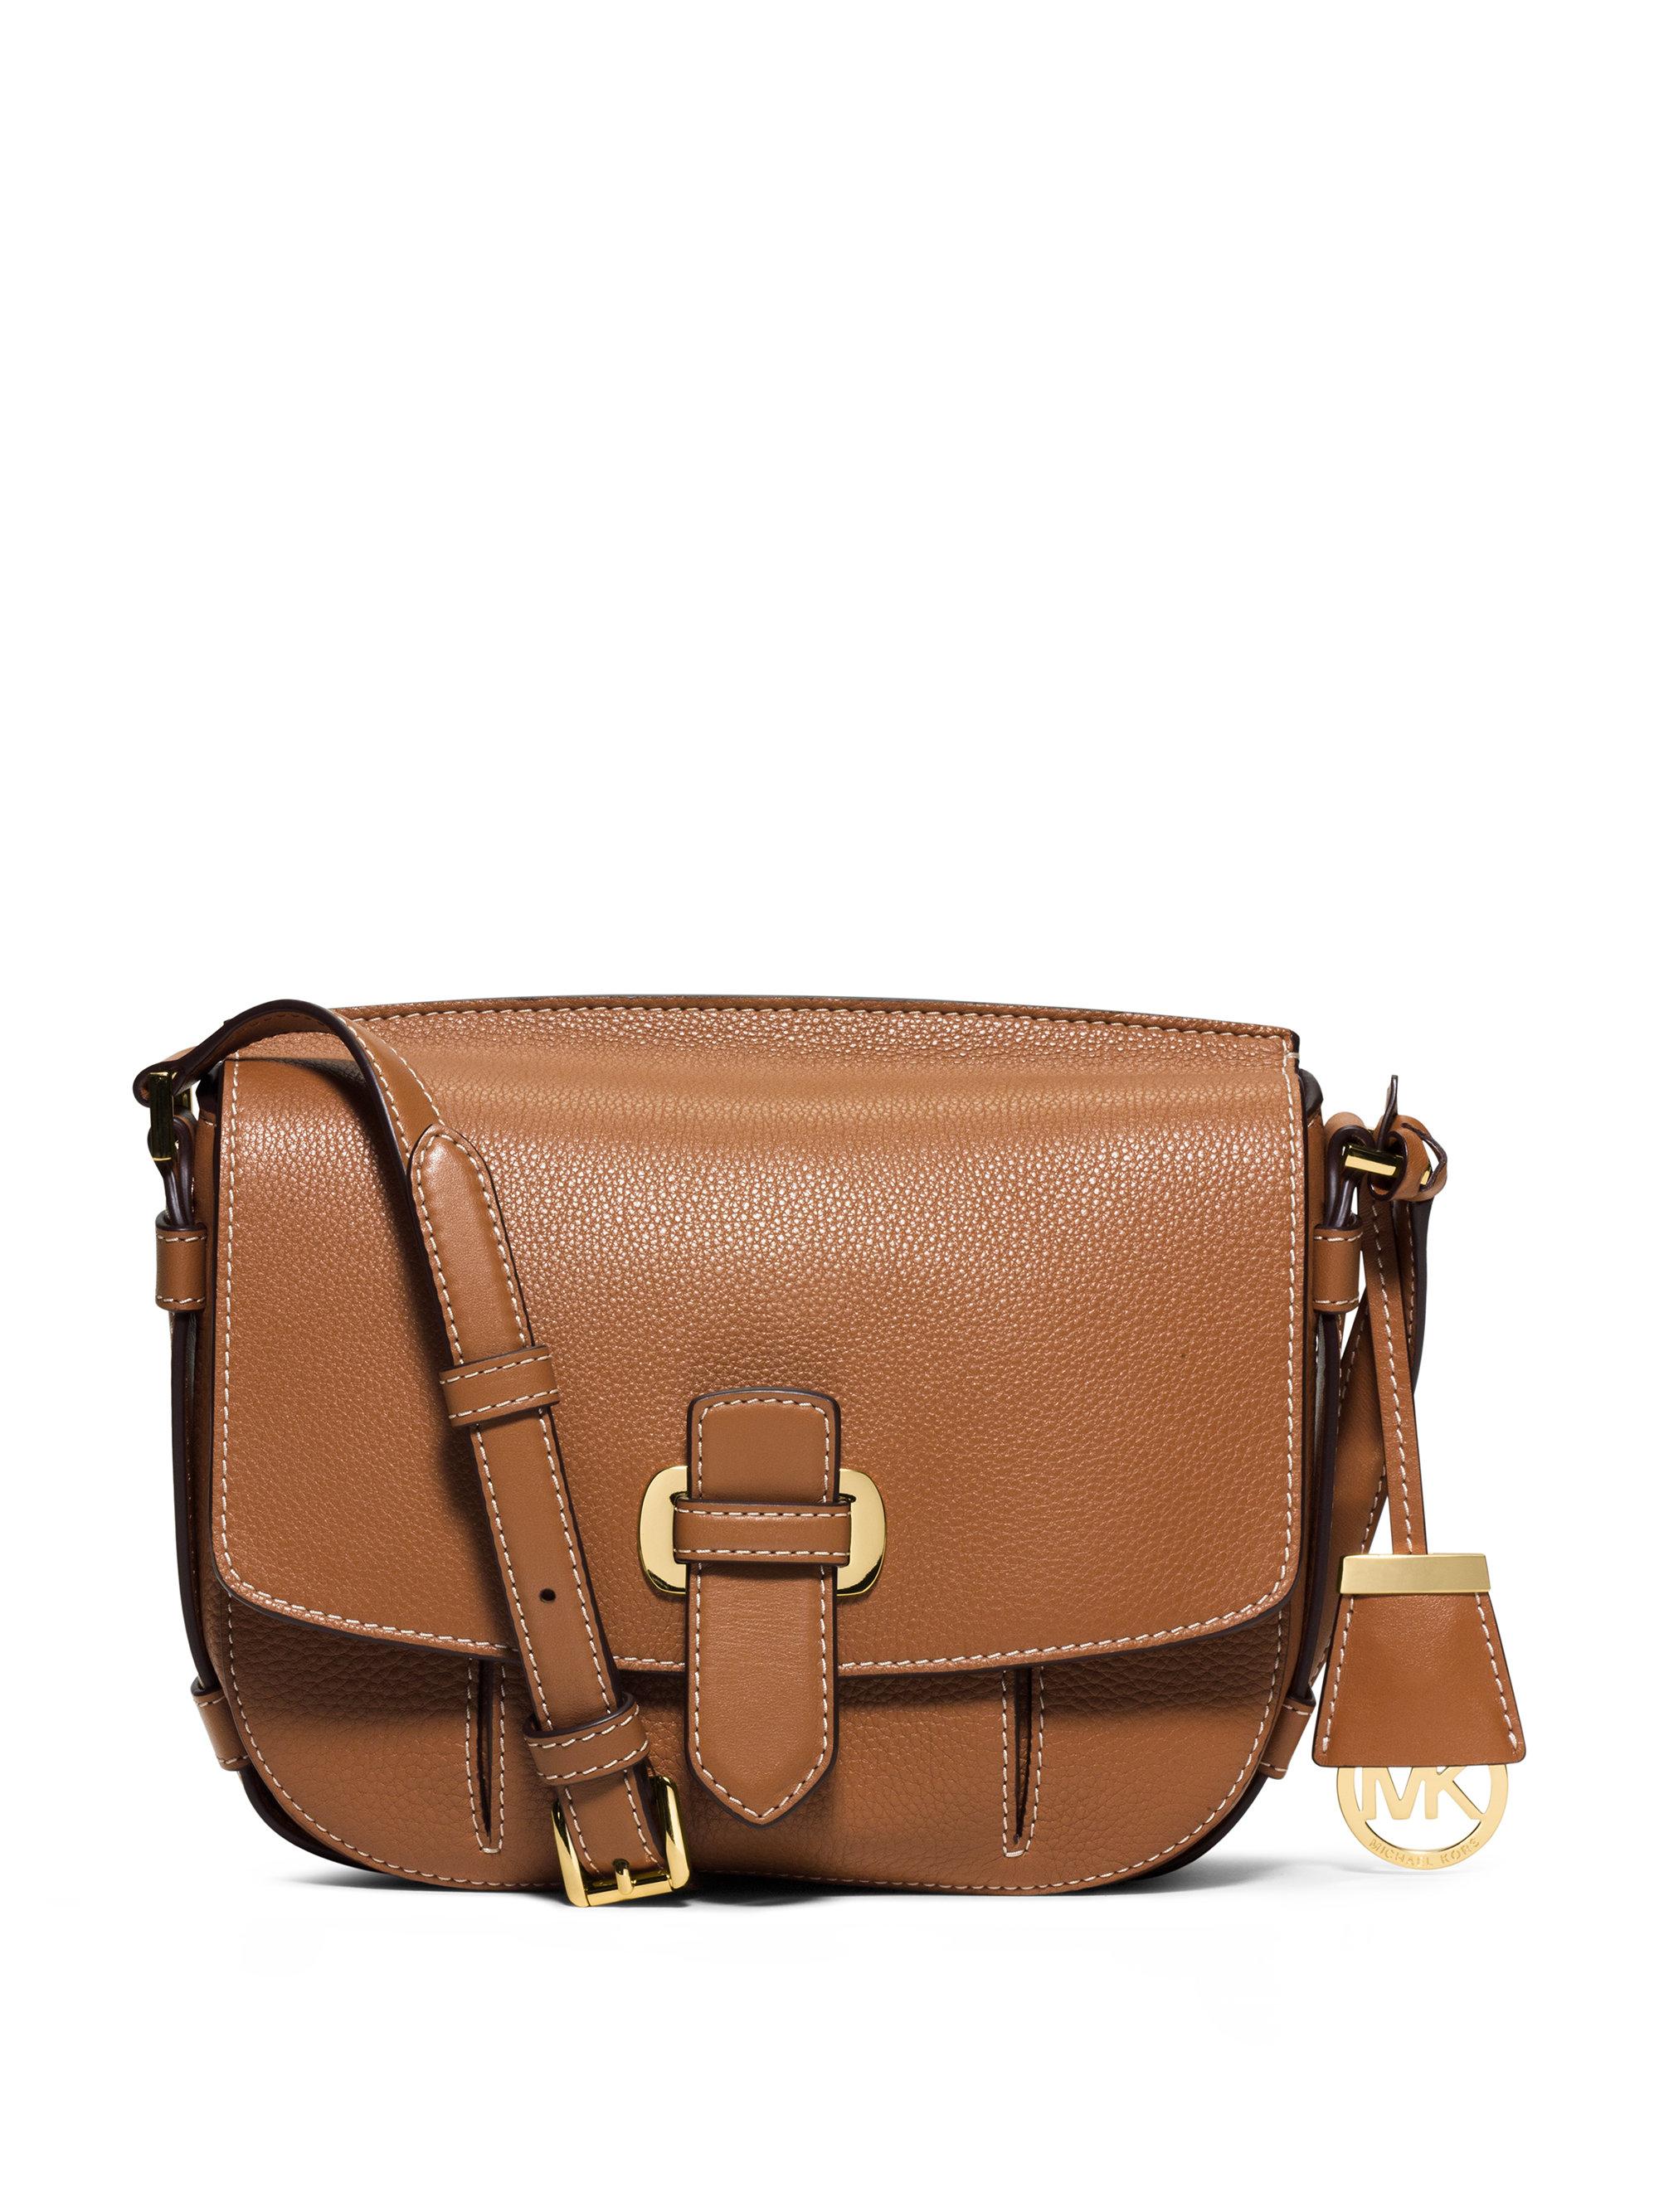 e645ec59fc617e MICHAEL Michael Kors Romy Medium Leather Messenger Bag in Brown - Lyst